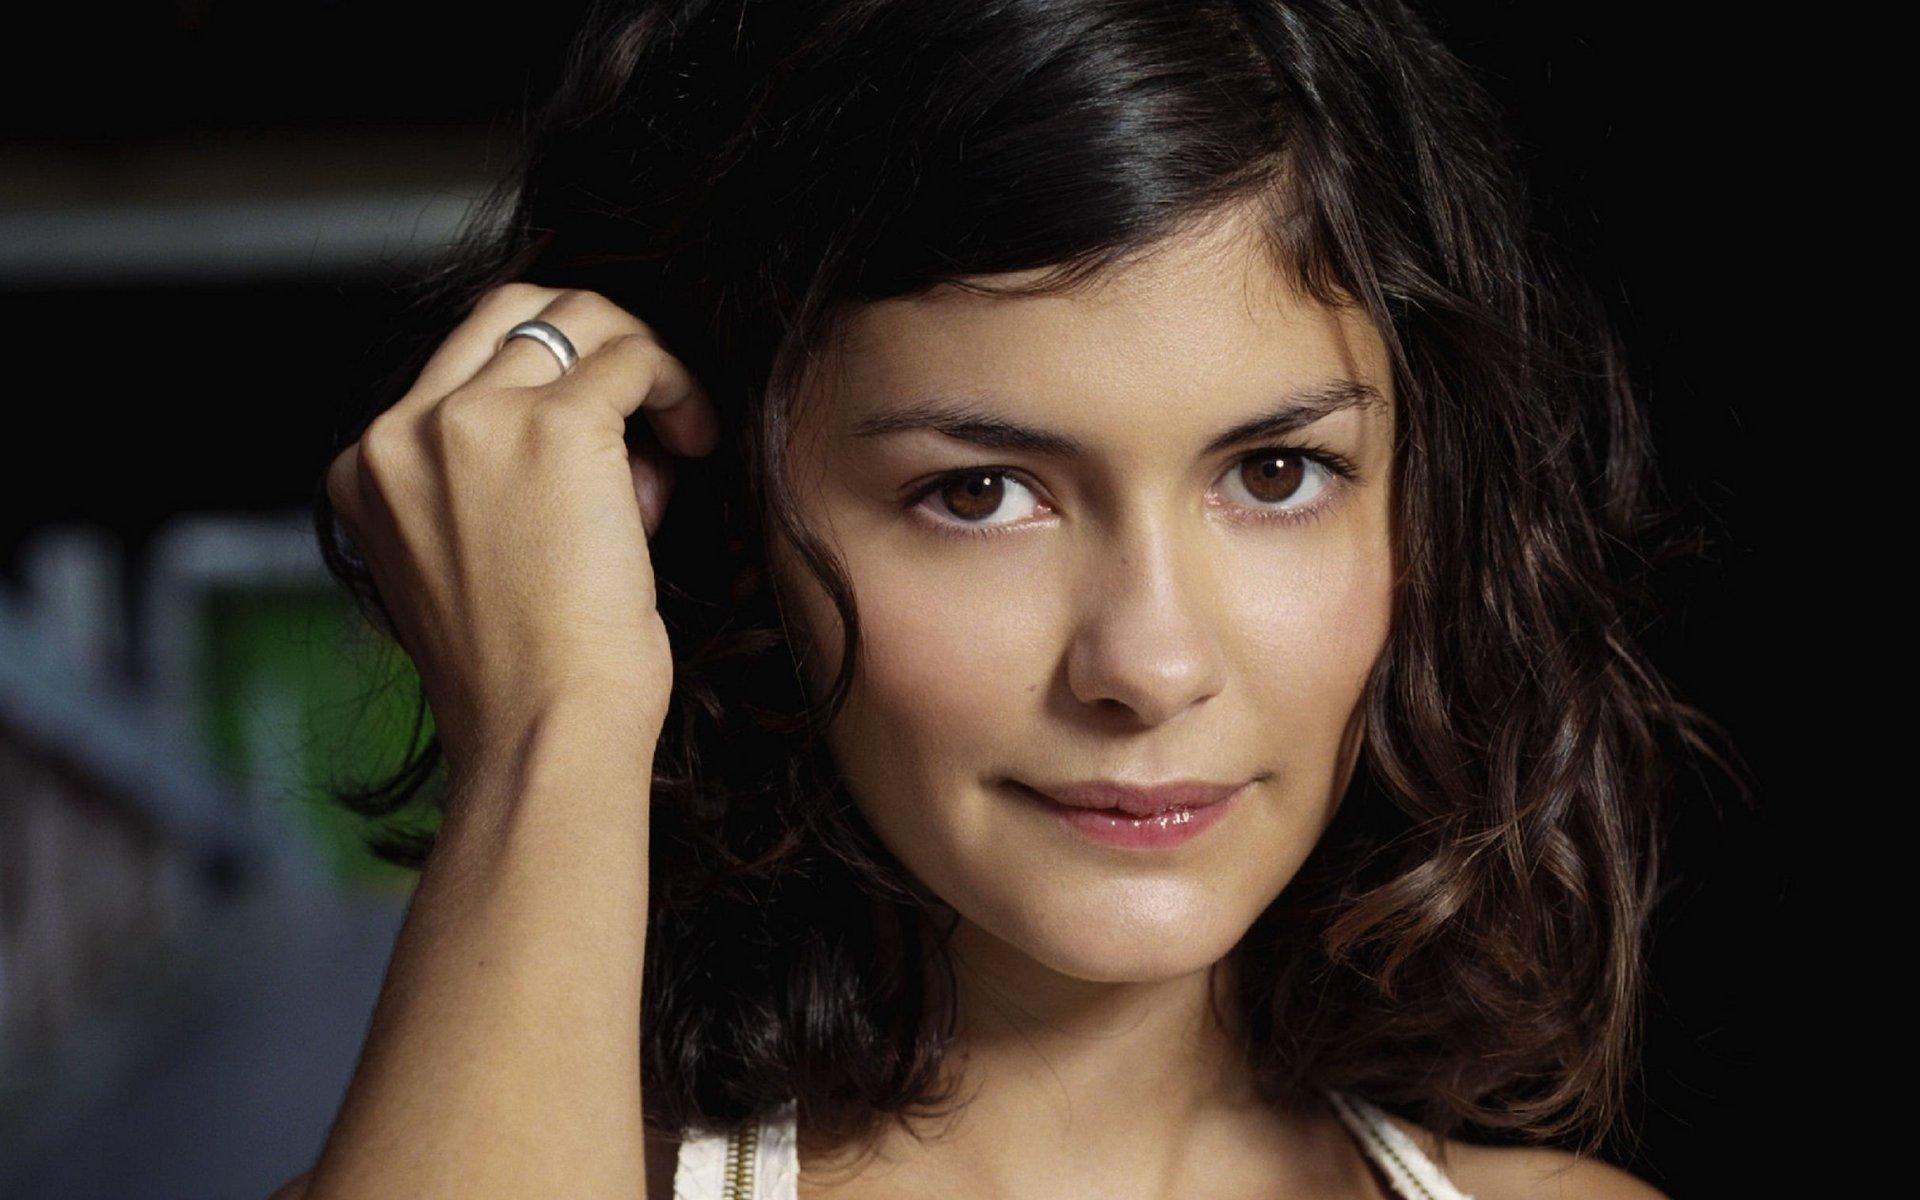 Audrey Tautou - Wallpaper Actress